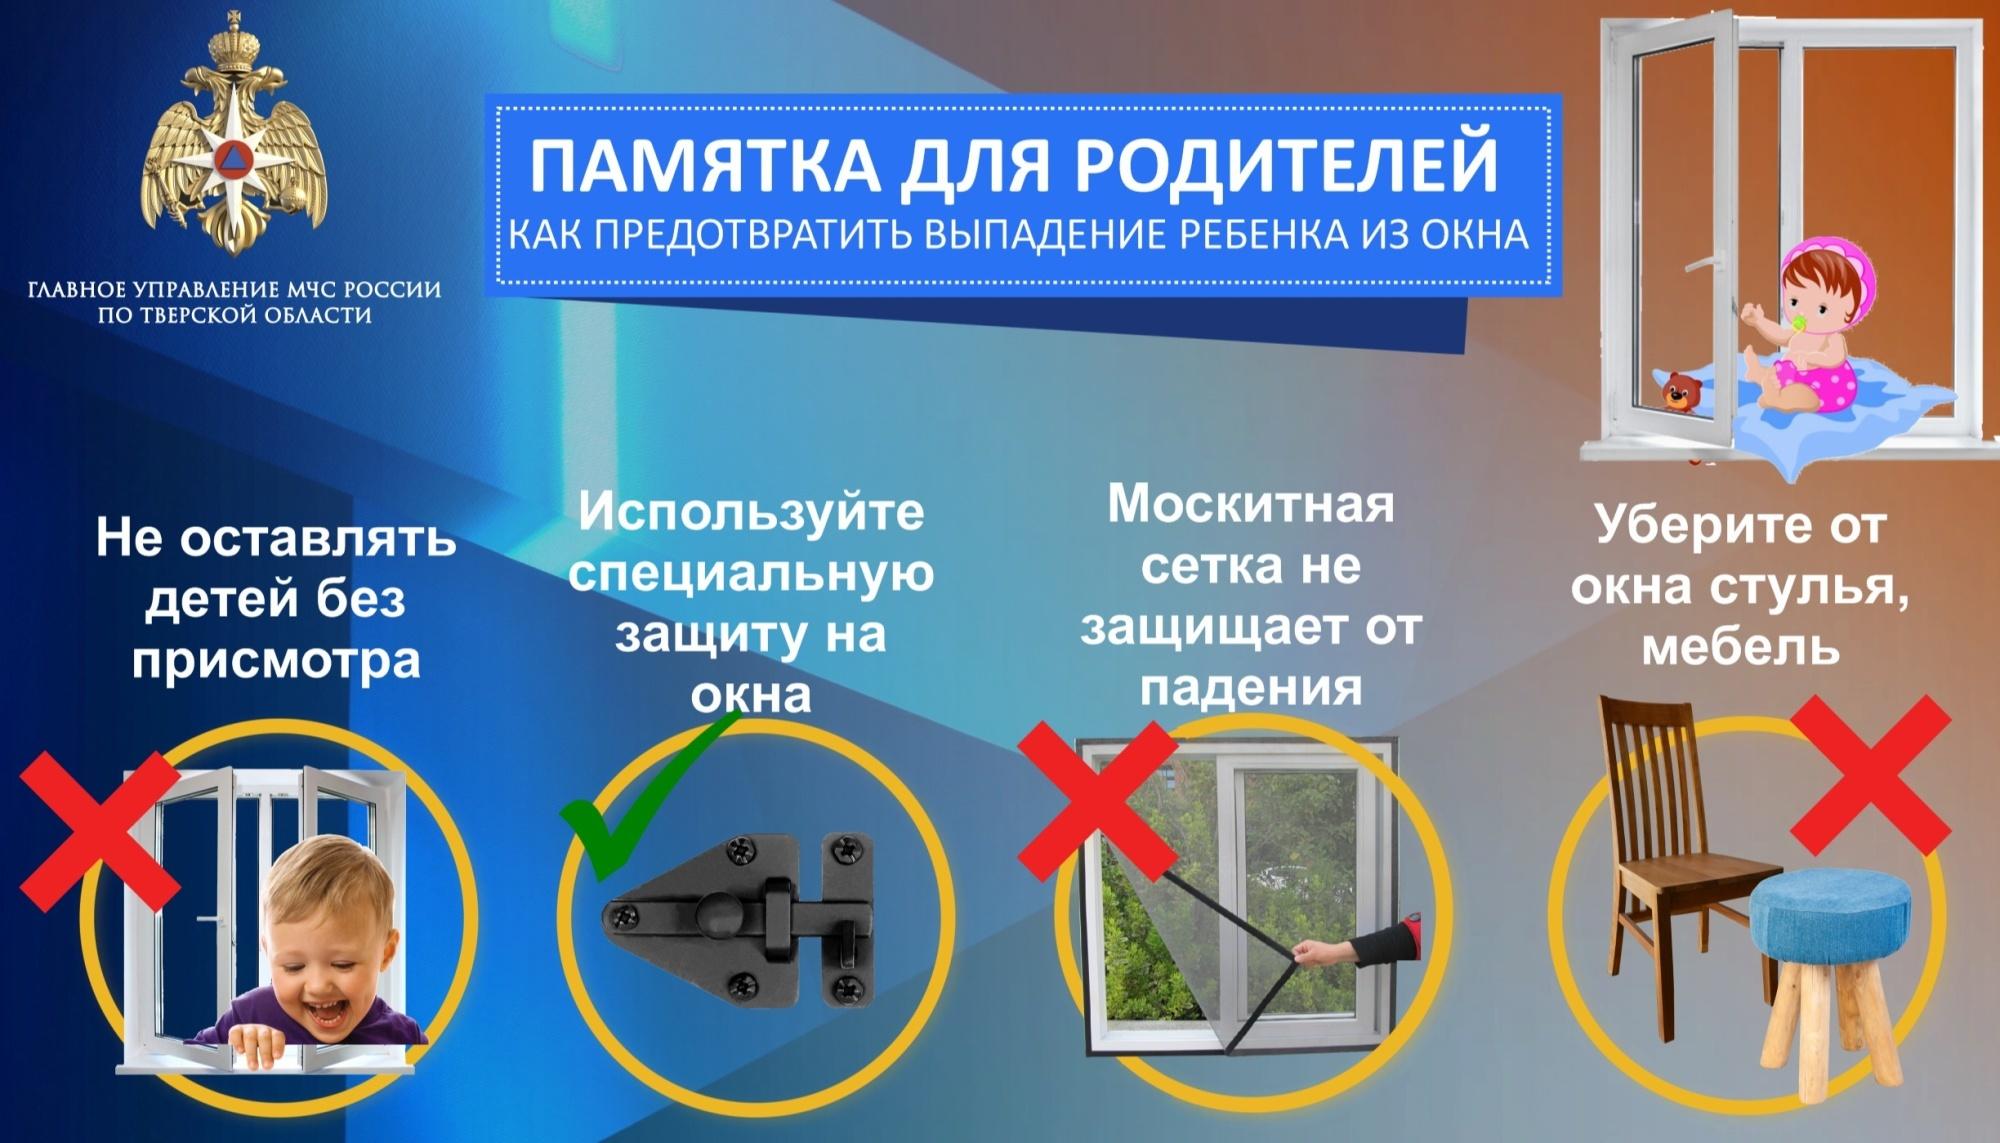 Жителям Тверской области рассказали, как предотвратить выпадение ребенка из окна